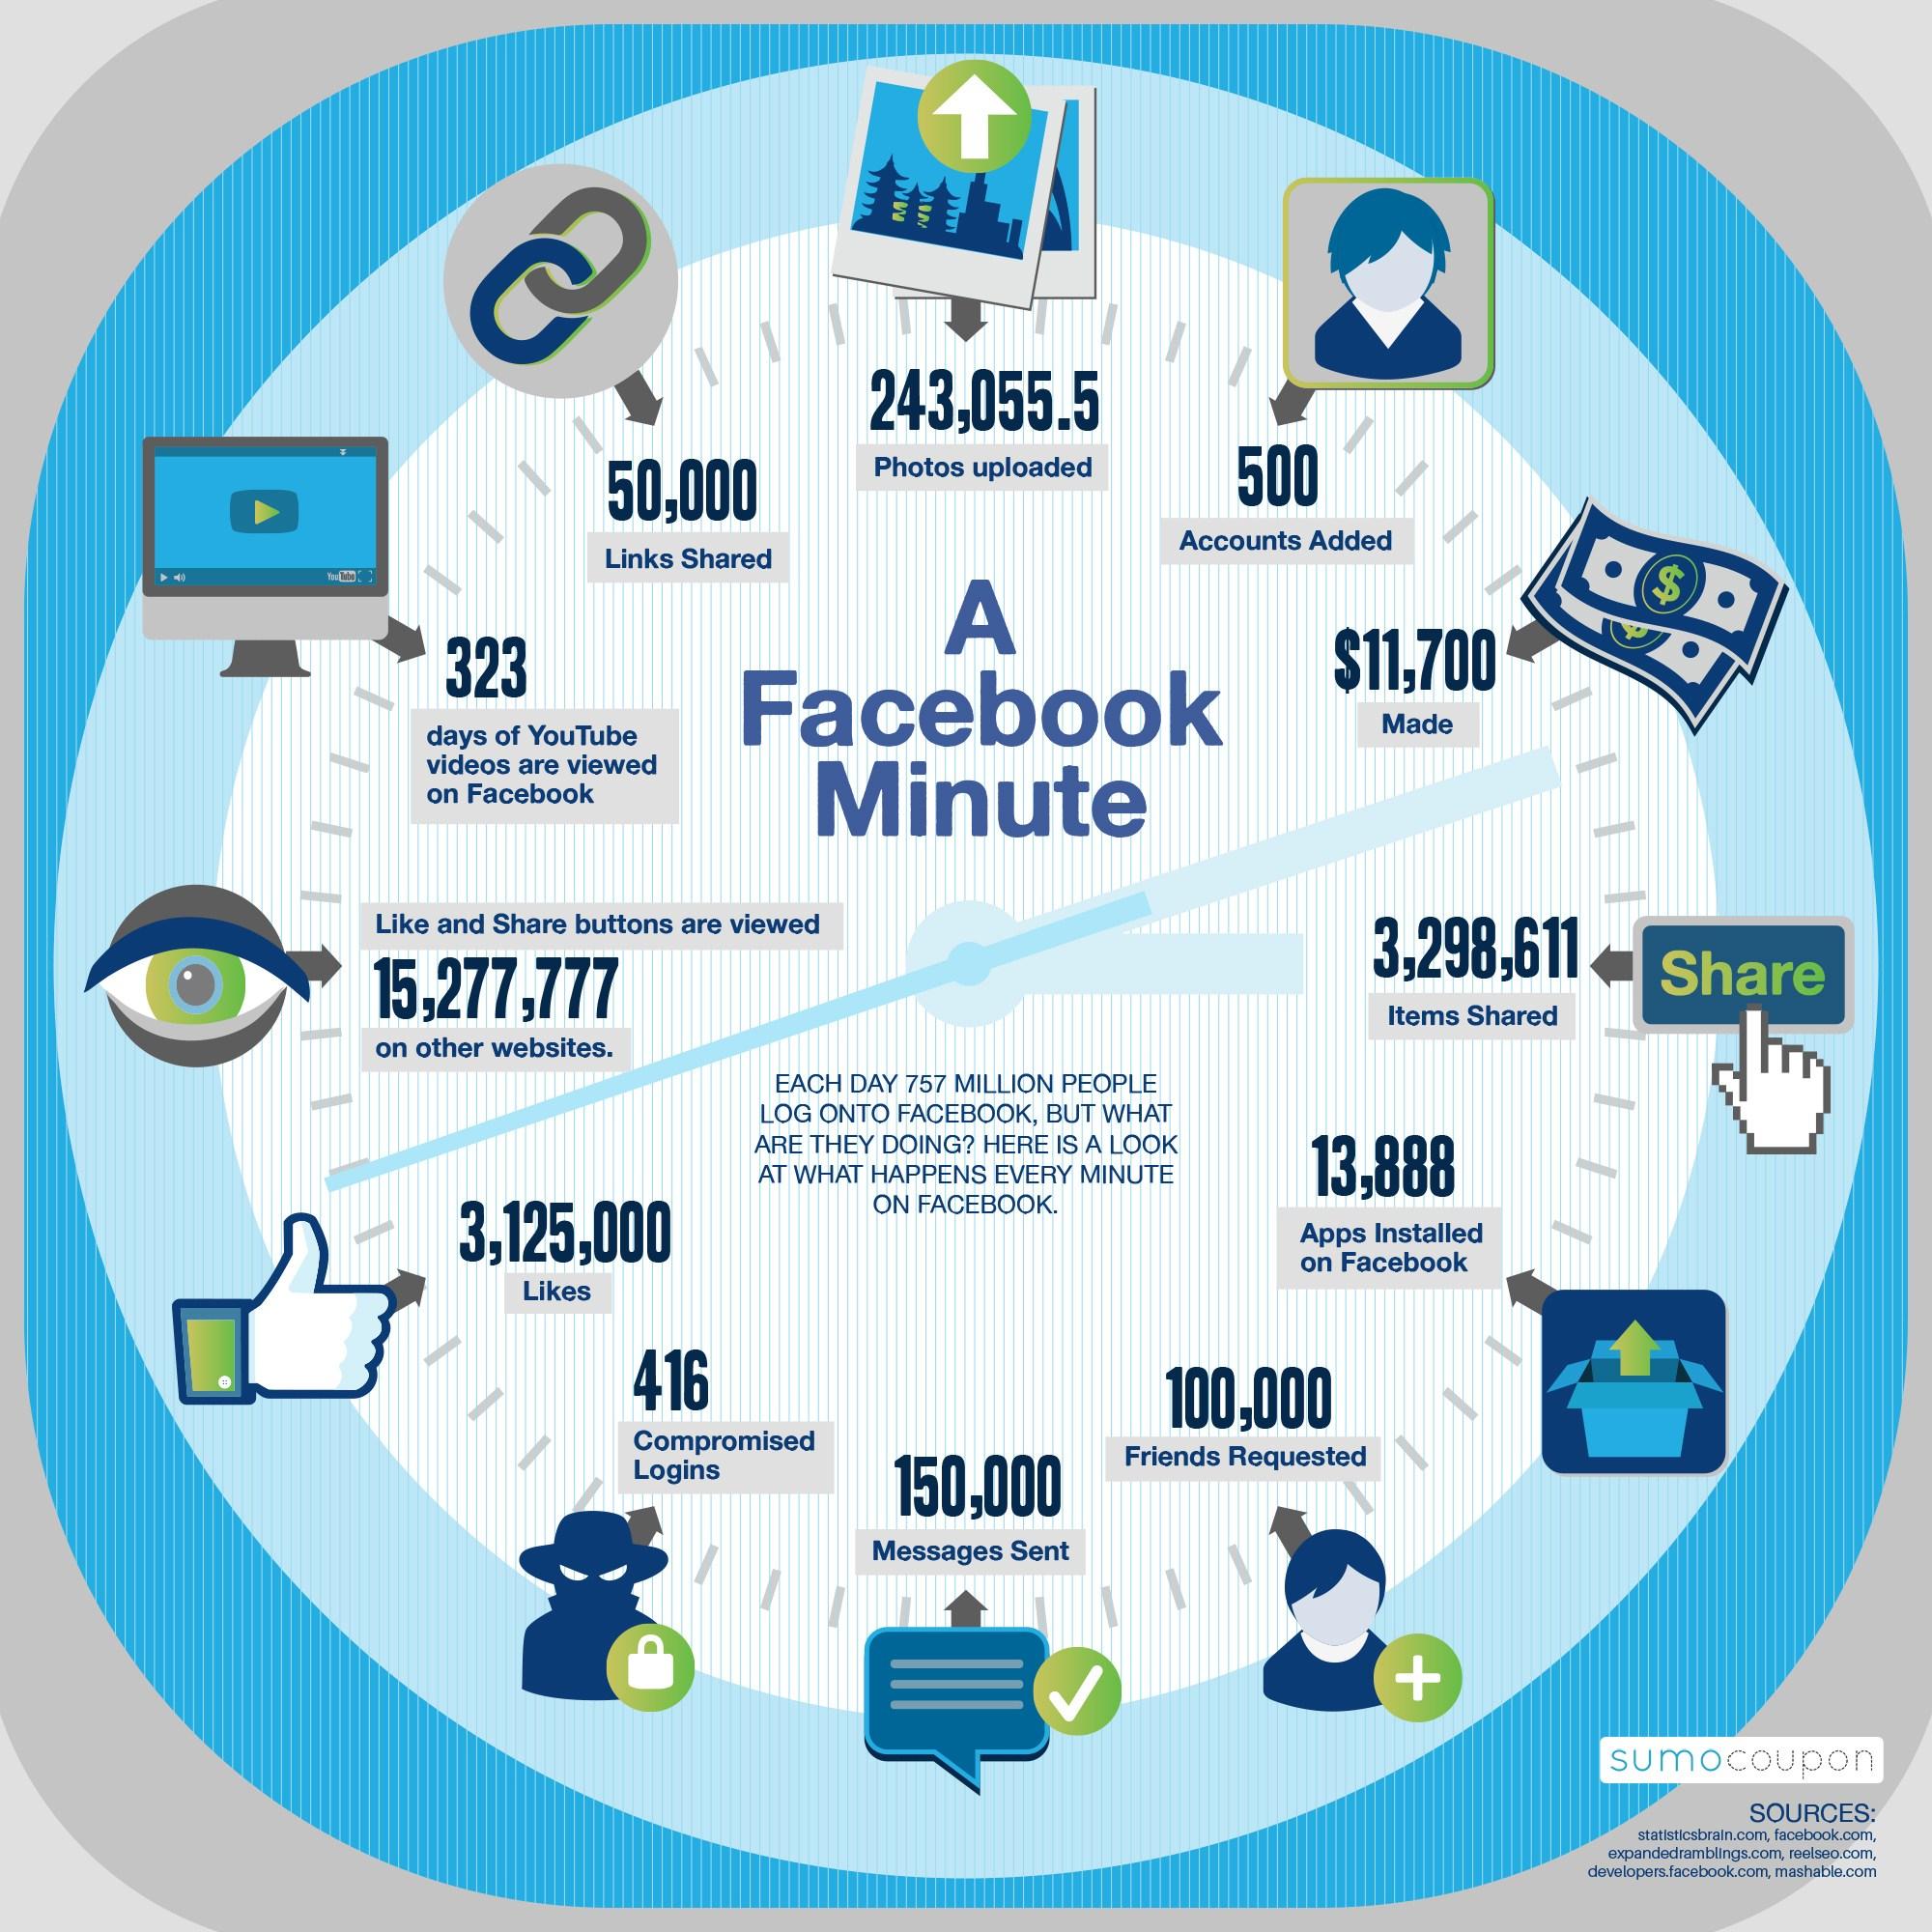 het grote cambridge analytica schandaal en de rol van facebook